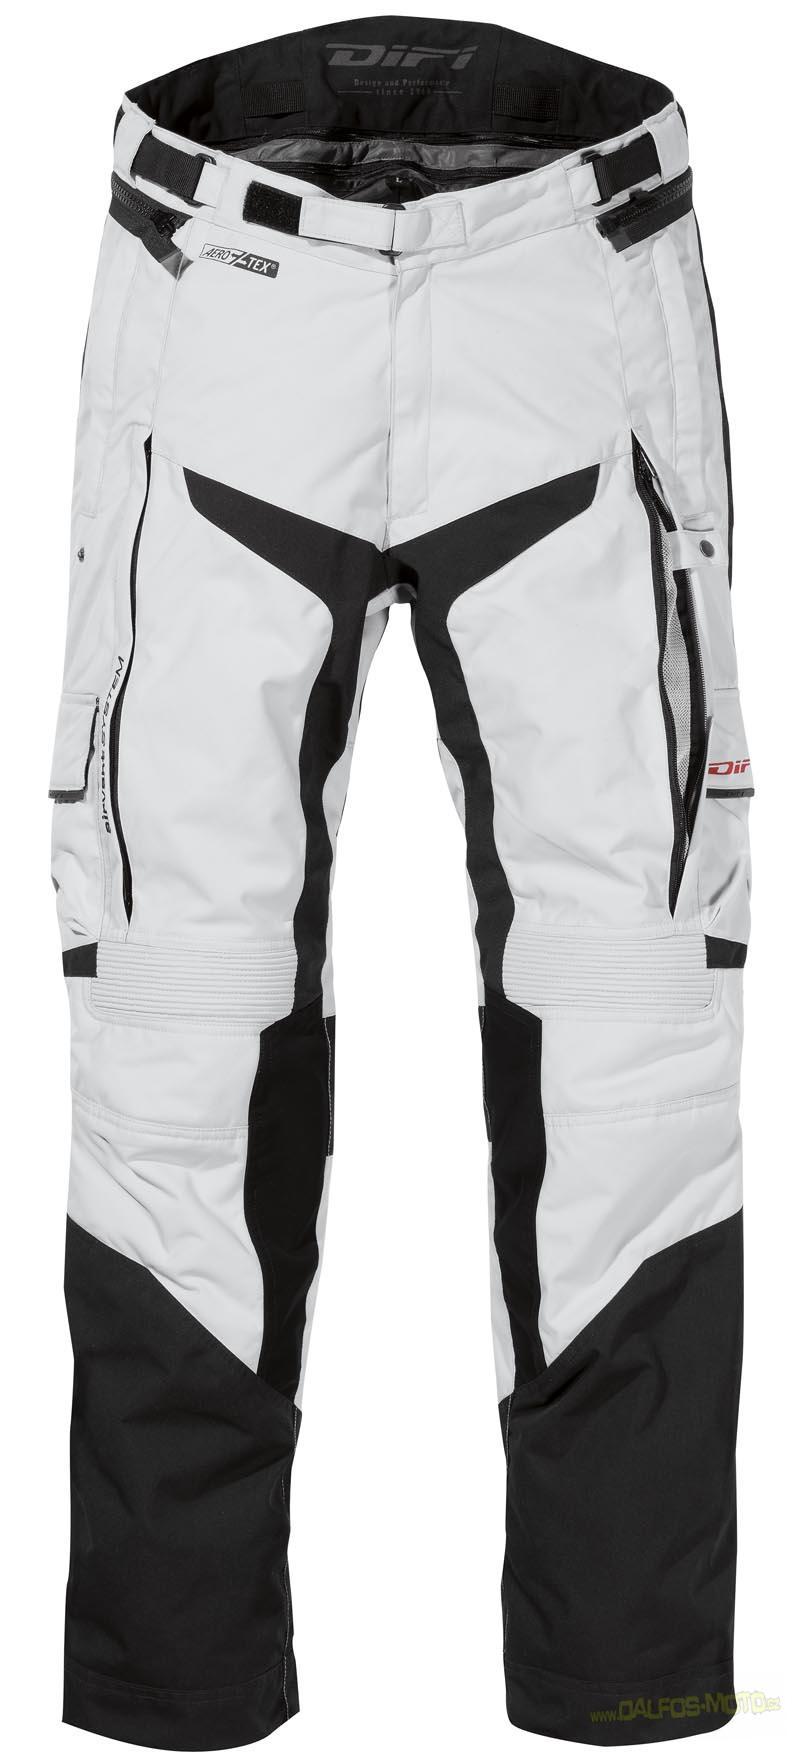 78306df2f35 Textilní kalhoty Difi Sierra Nevada Aerotex - tmavé nebo světlé